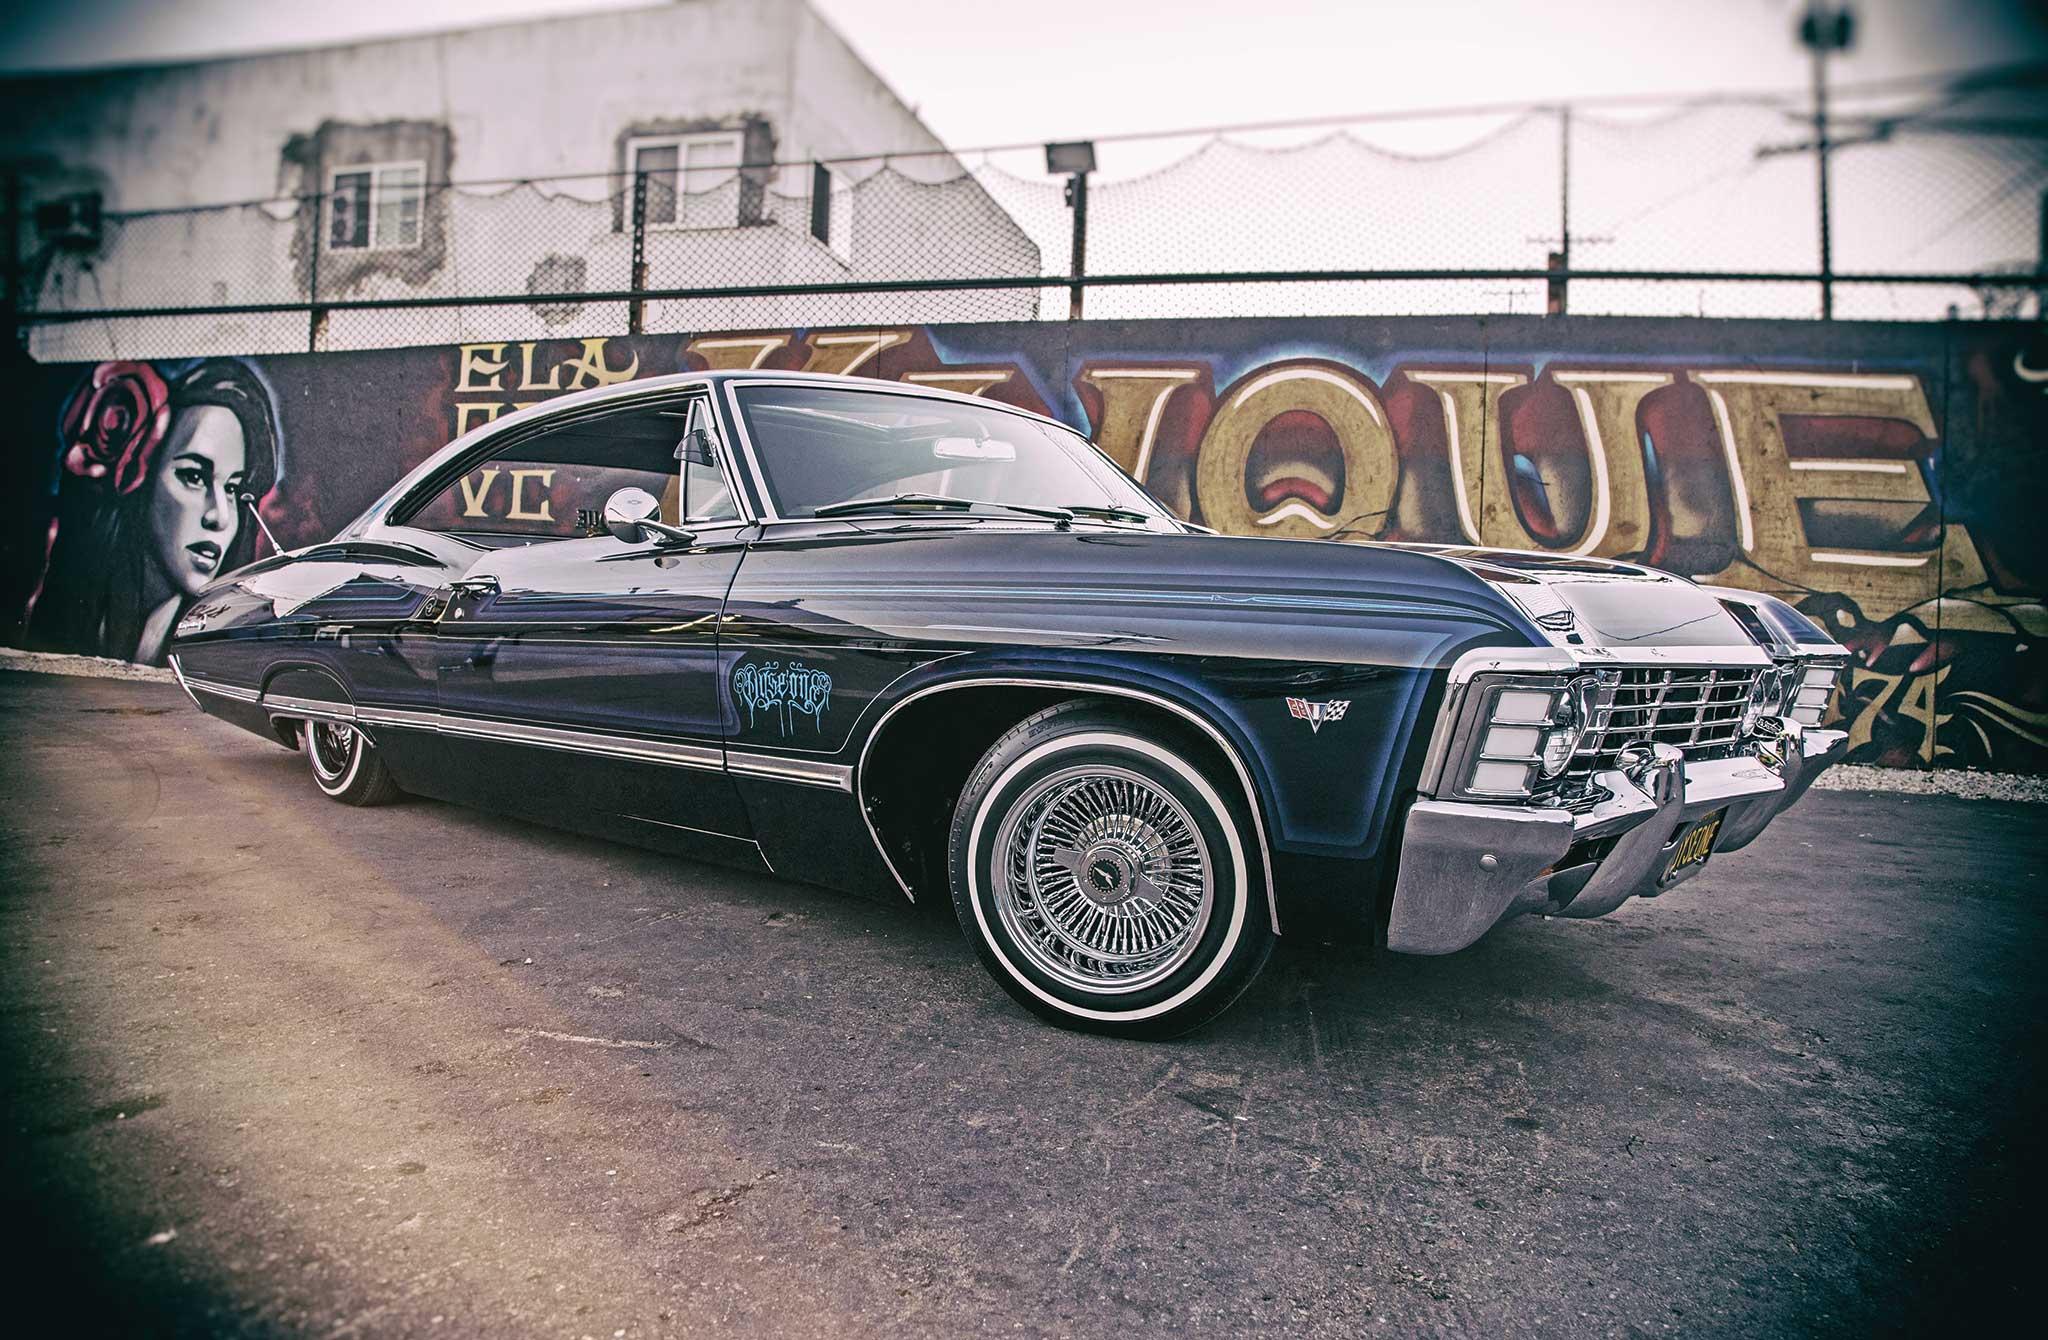 1967 chevrolet impala flashback fastback lowrider. Black Bedroom Furniture Sets. Home Design Ideas